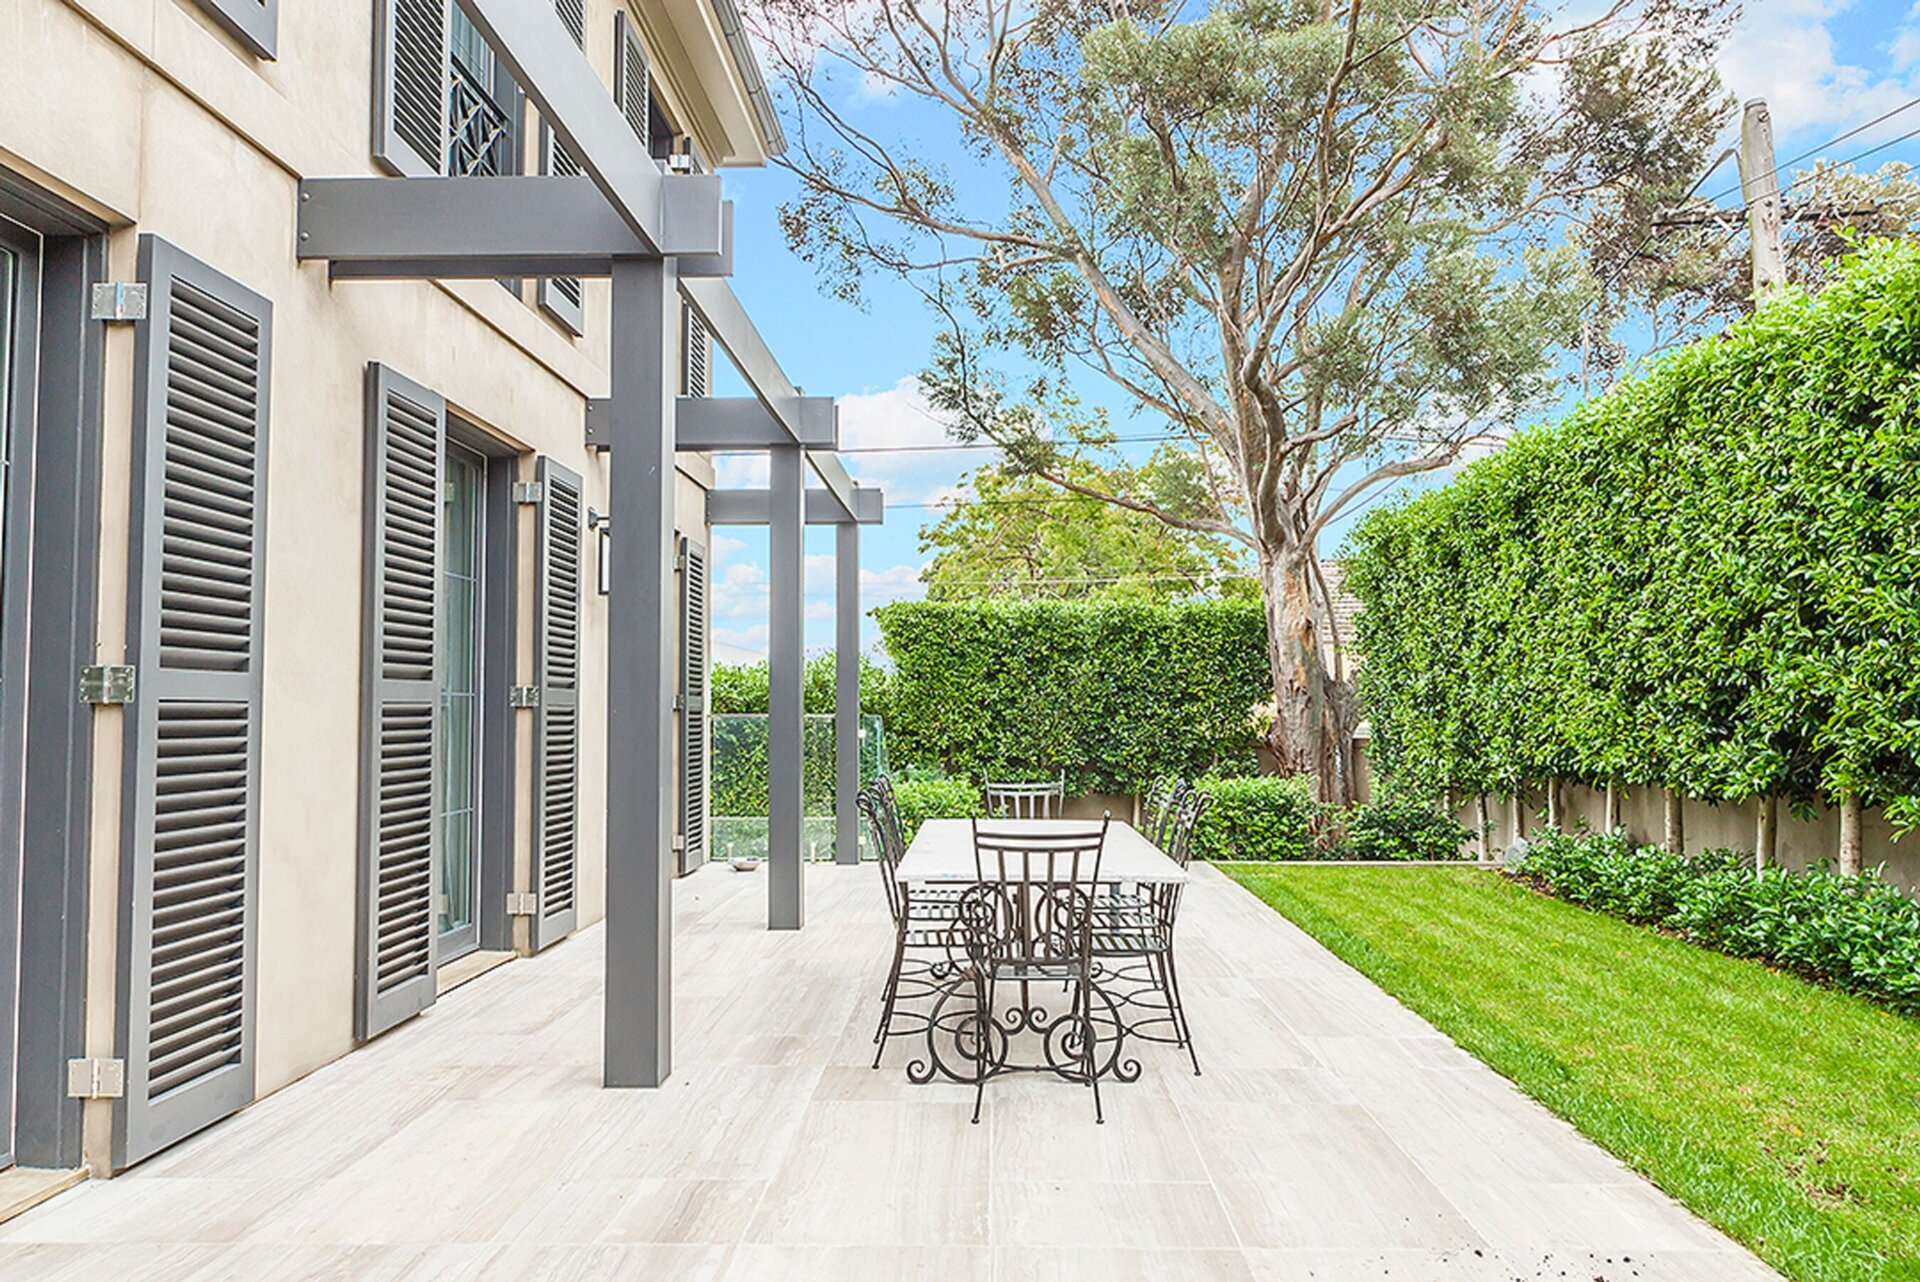 Spacious outdoor dining area with verdant garden